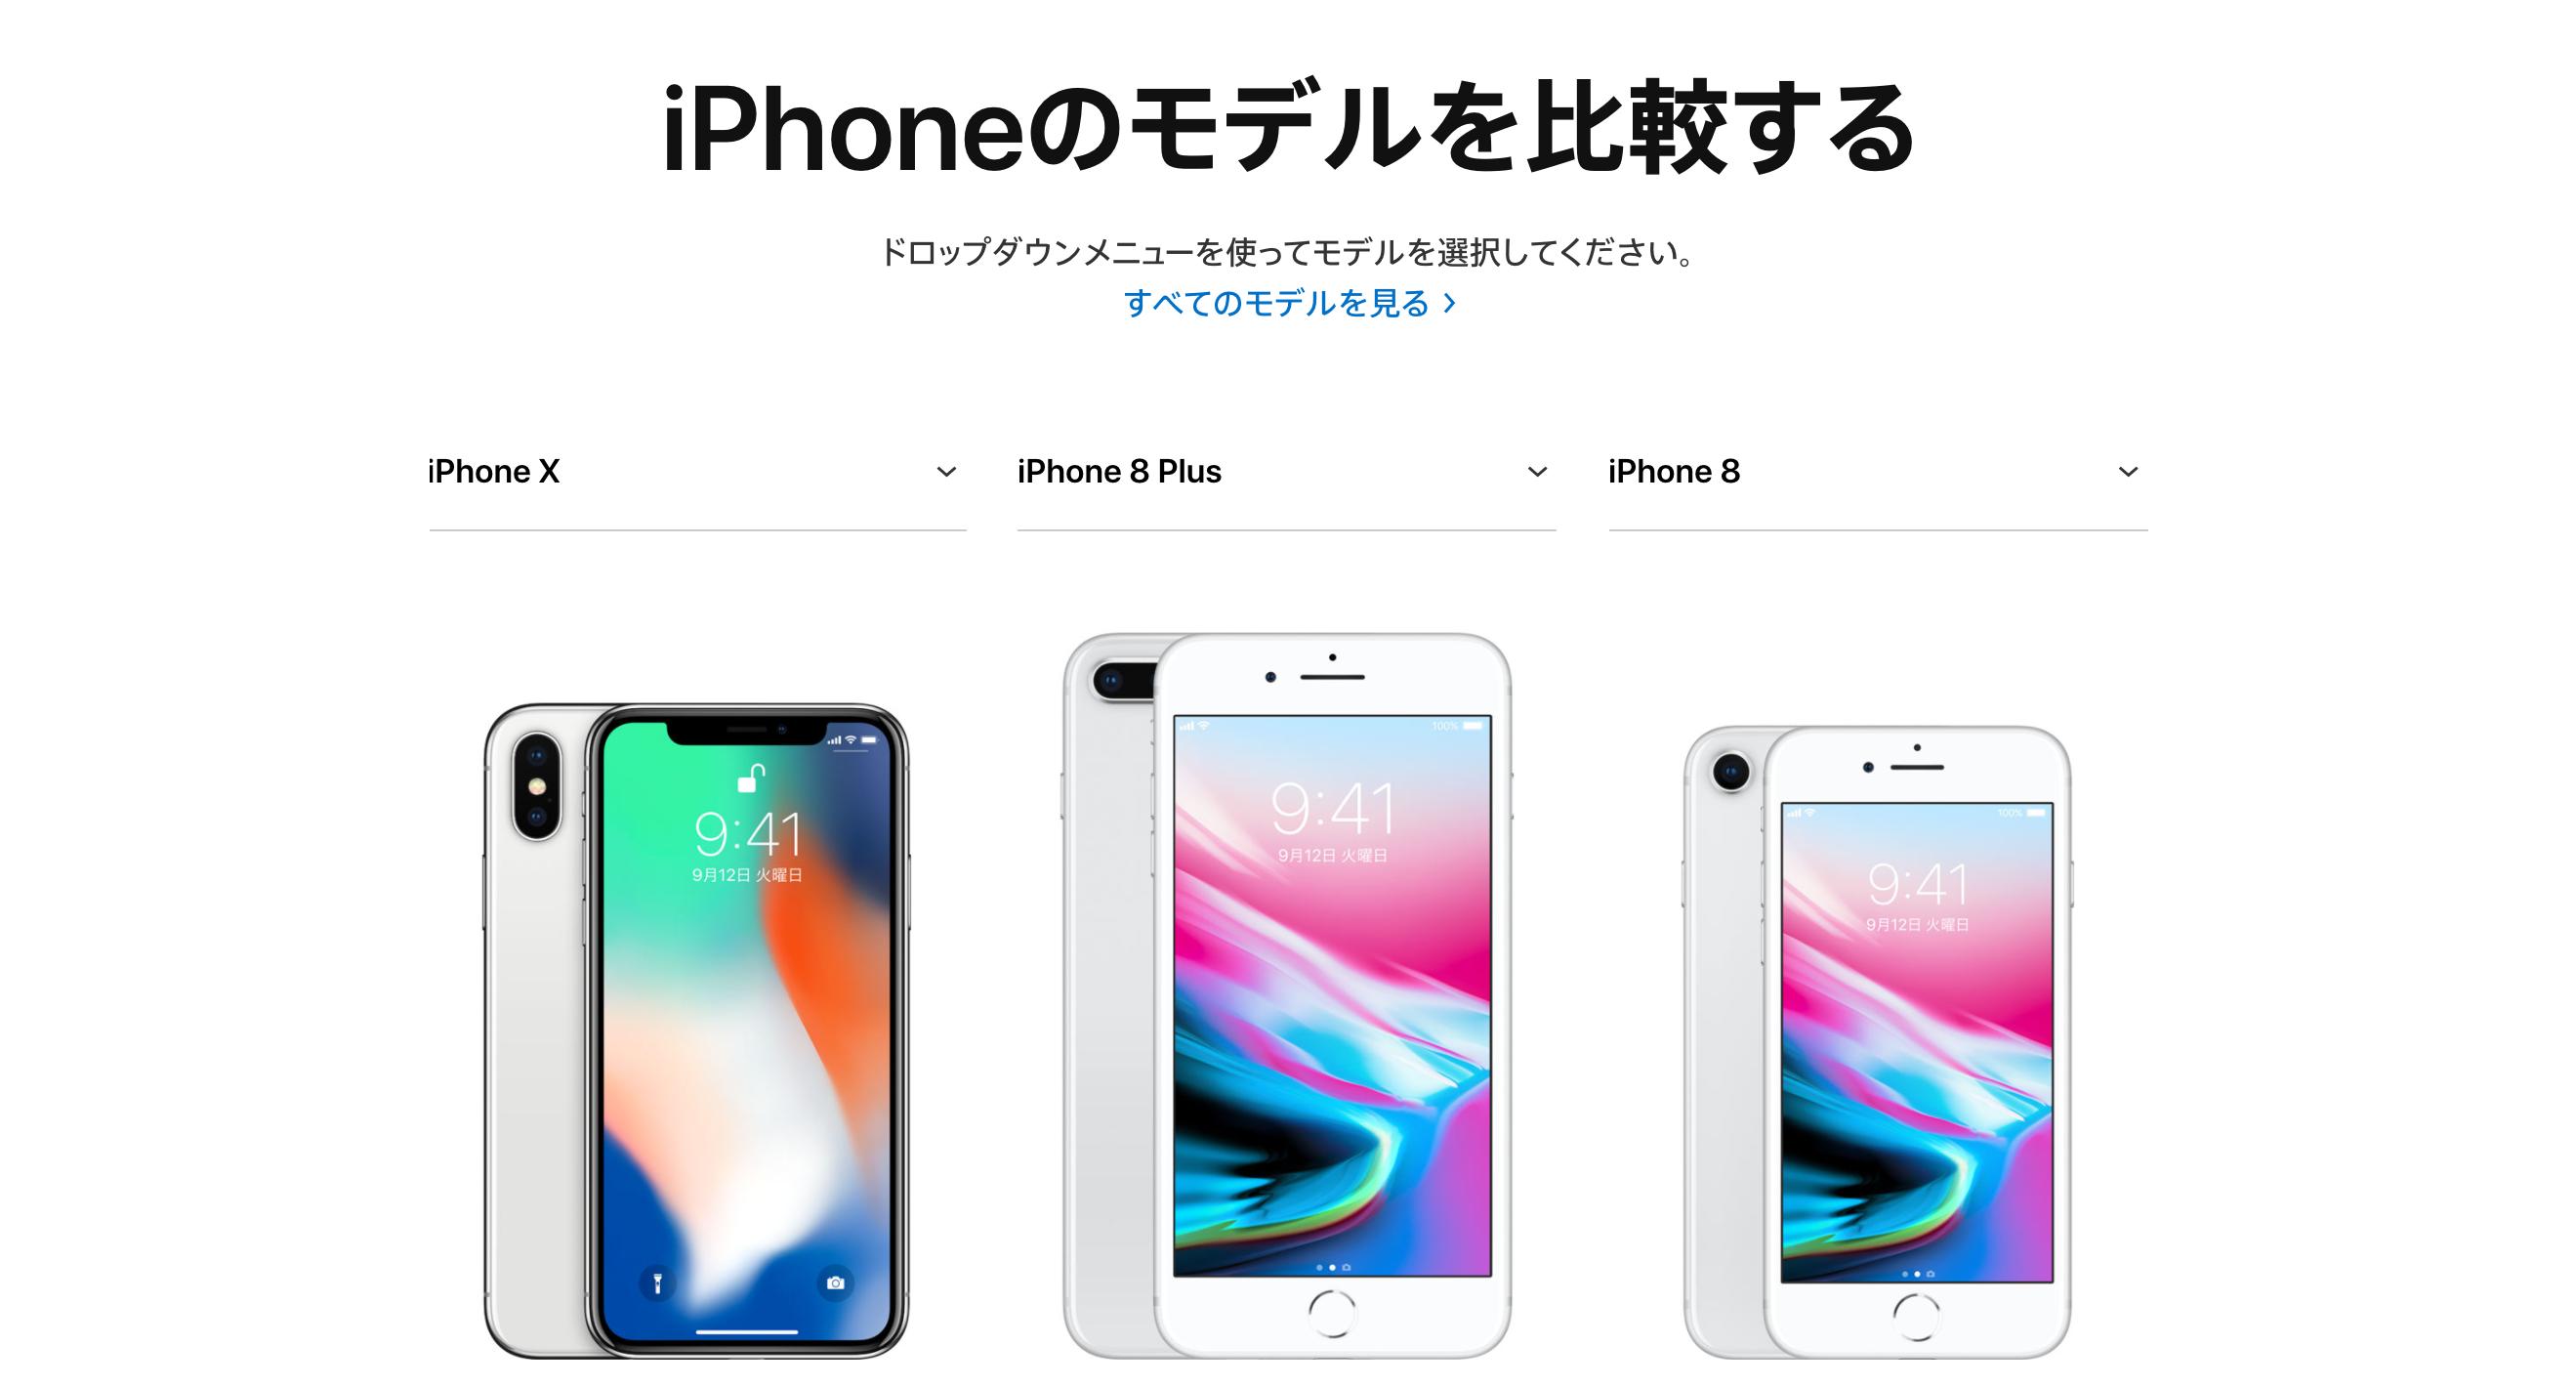 「iPhone X」と「iPhone 8/8 Plus」どちらがいい?僕が比較したことやスペックの違い。